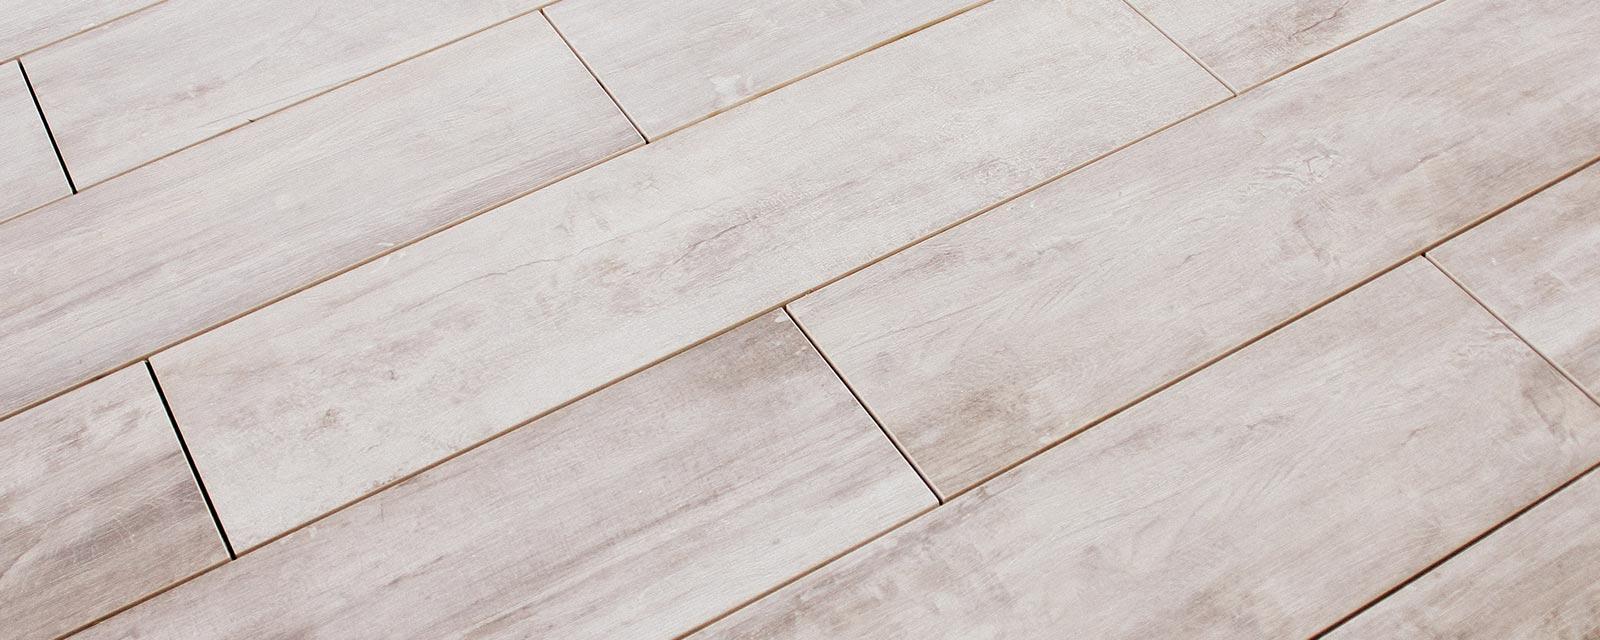 Comment poser du carrelage sur un plancher chauffant Pose carrelage sur plancher bois